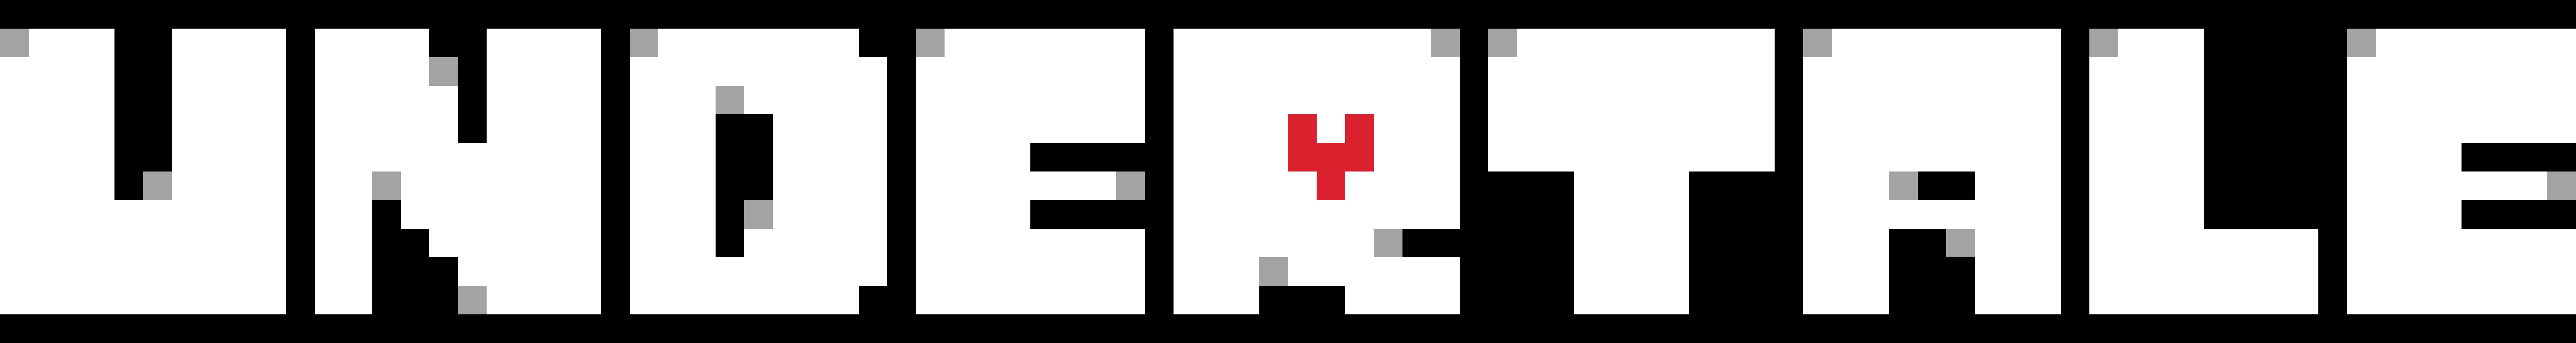 Undertale Logo - LogoDix